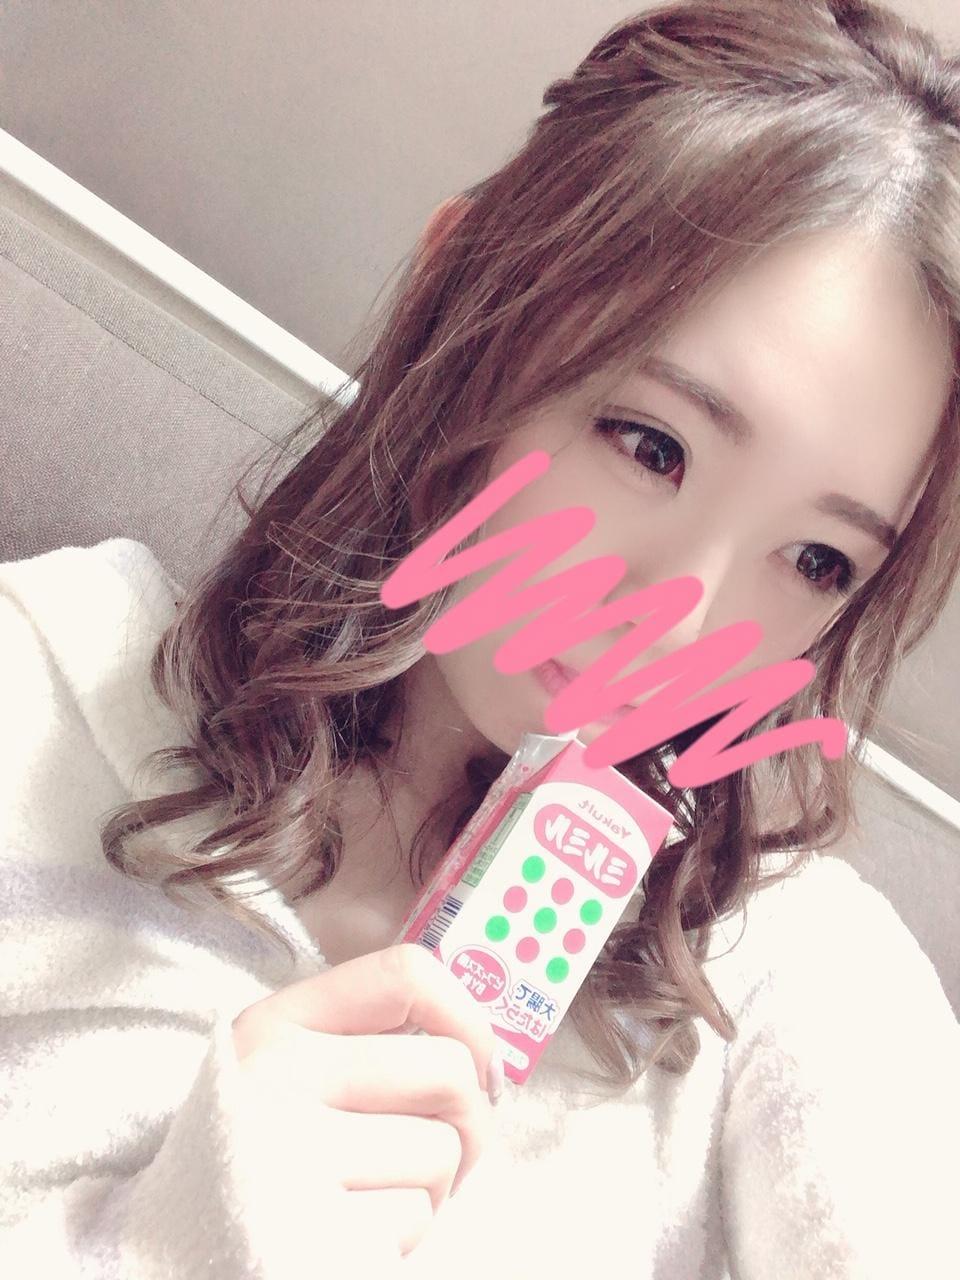 「ラグナスイート仲良しさま」03/26(03/26) 22:04 | あやみ☆の写メ・風俗動画